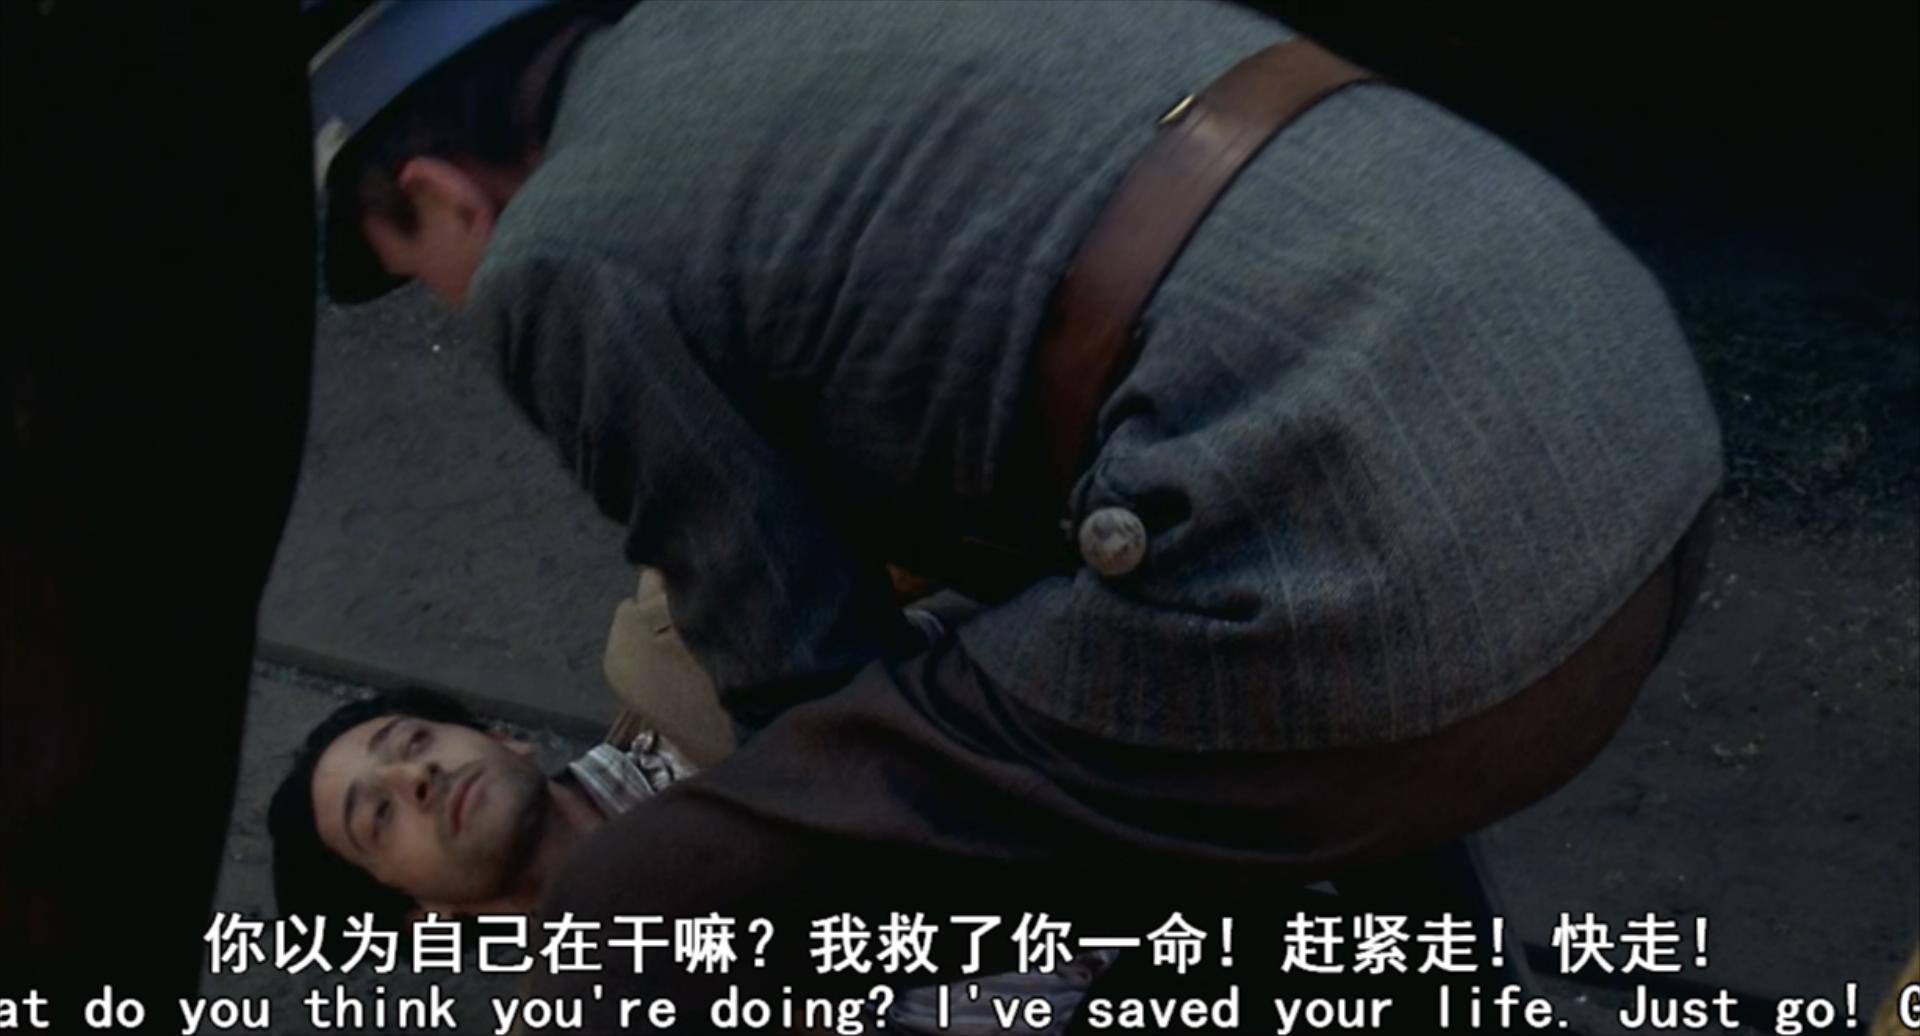 2002残酷剧情片《钢琴家》3800字,10分钟剧情解说稿-第5张图片